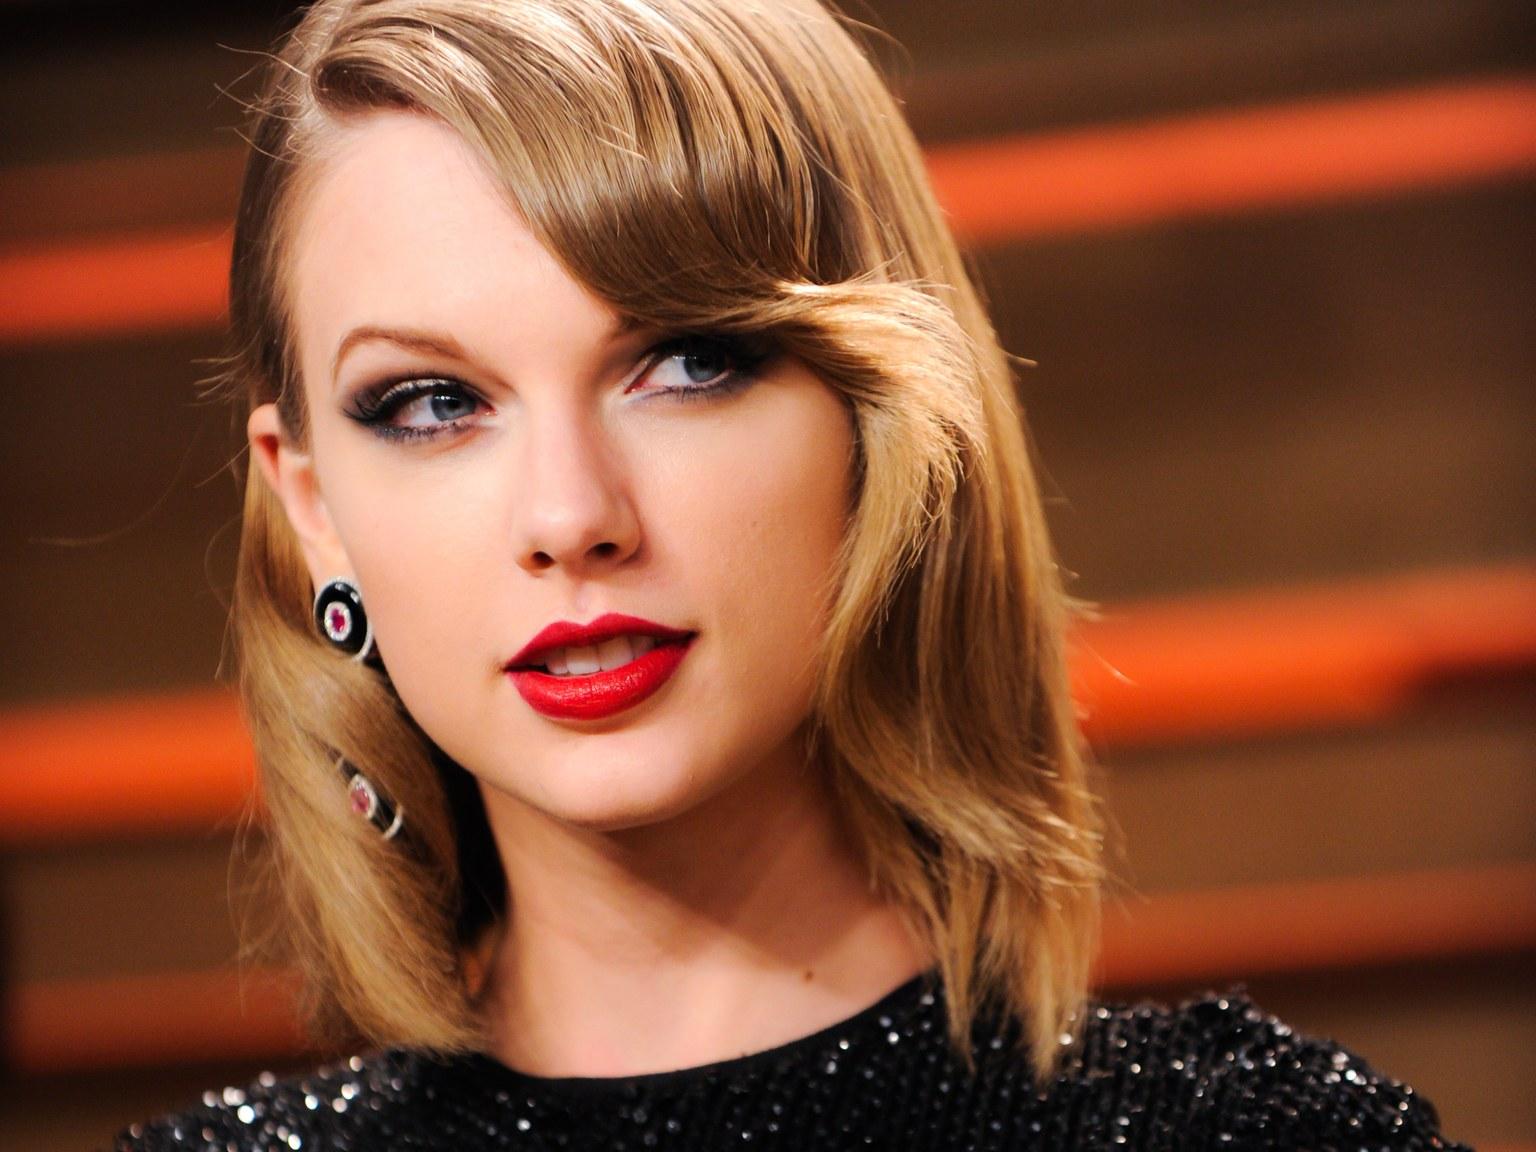 Δύσκολες στιγμές για την Taylor Swift! Ξαναχτύπησε ο εμμονικός θαυμαστής της   tlife.gr